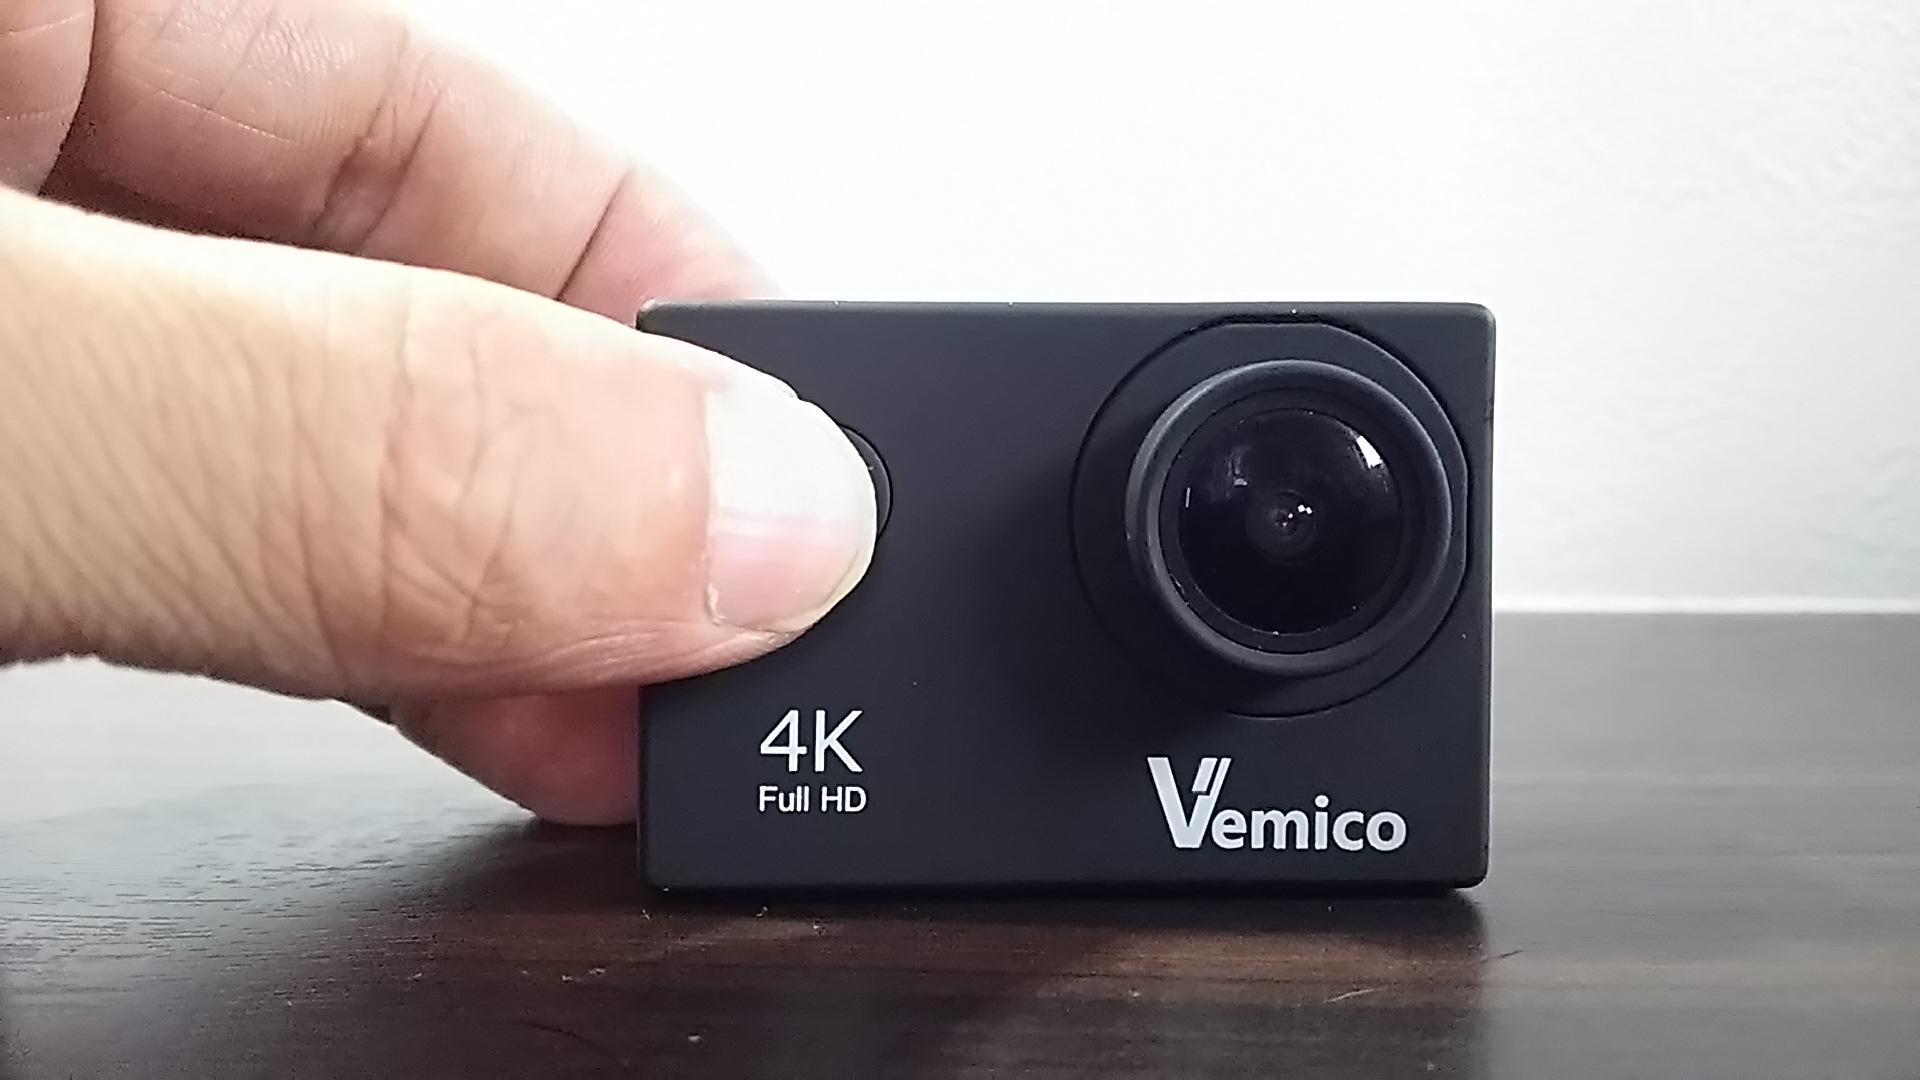 アクションカム「Vemico4kWi-Fi」撮影時のデータサイズと撮影時間